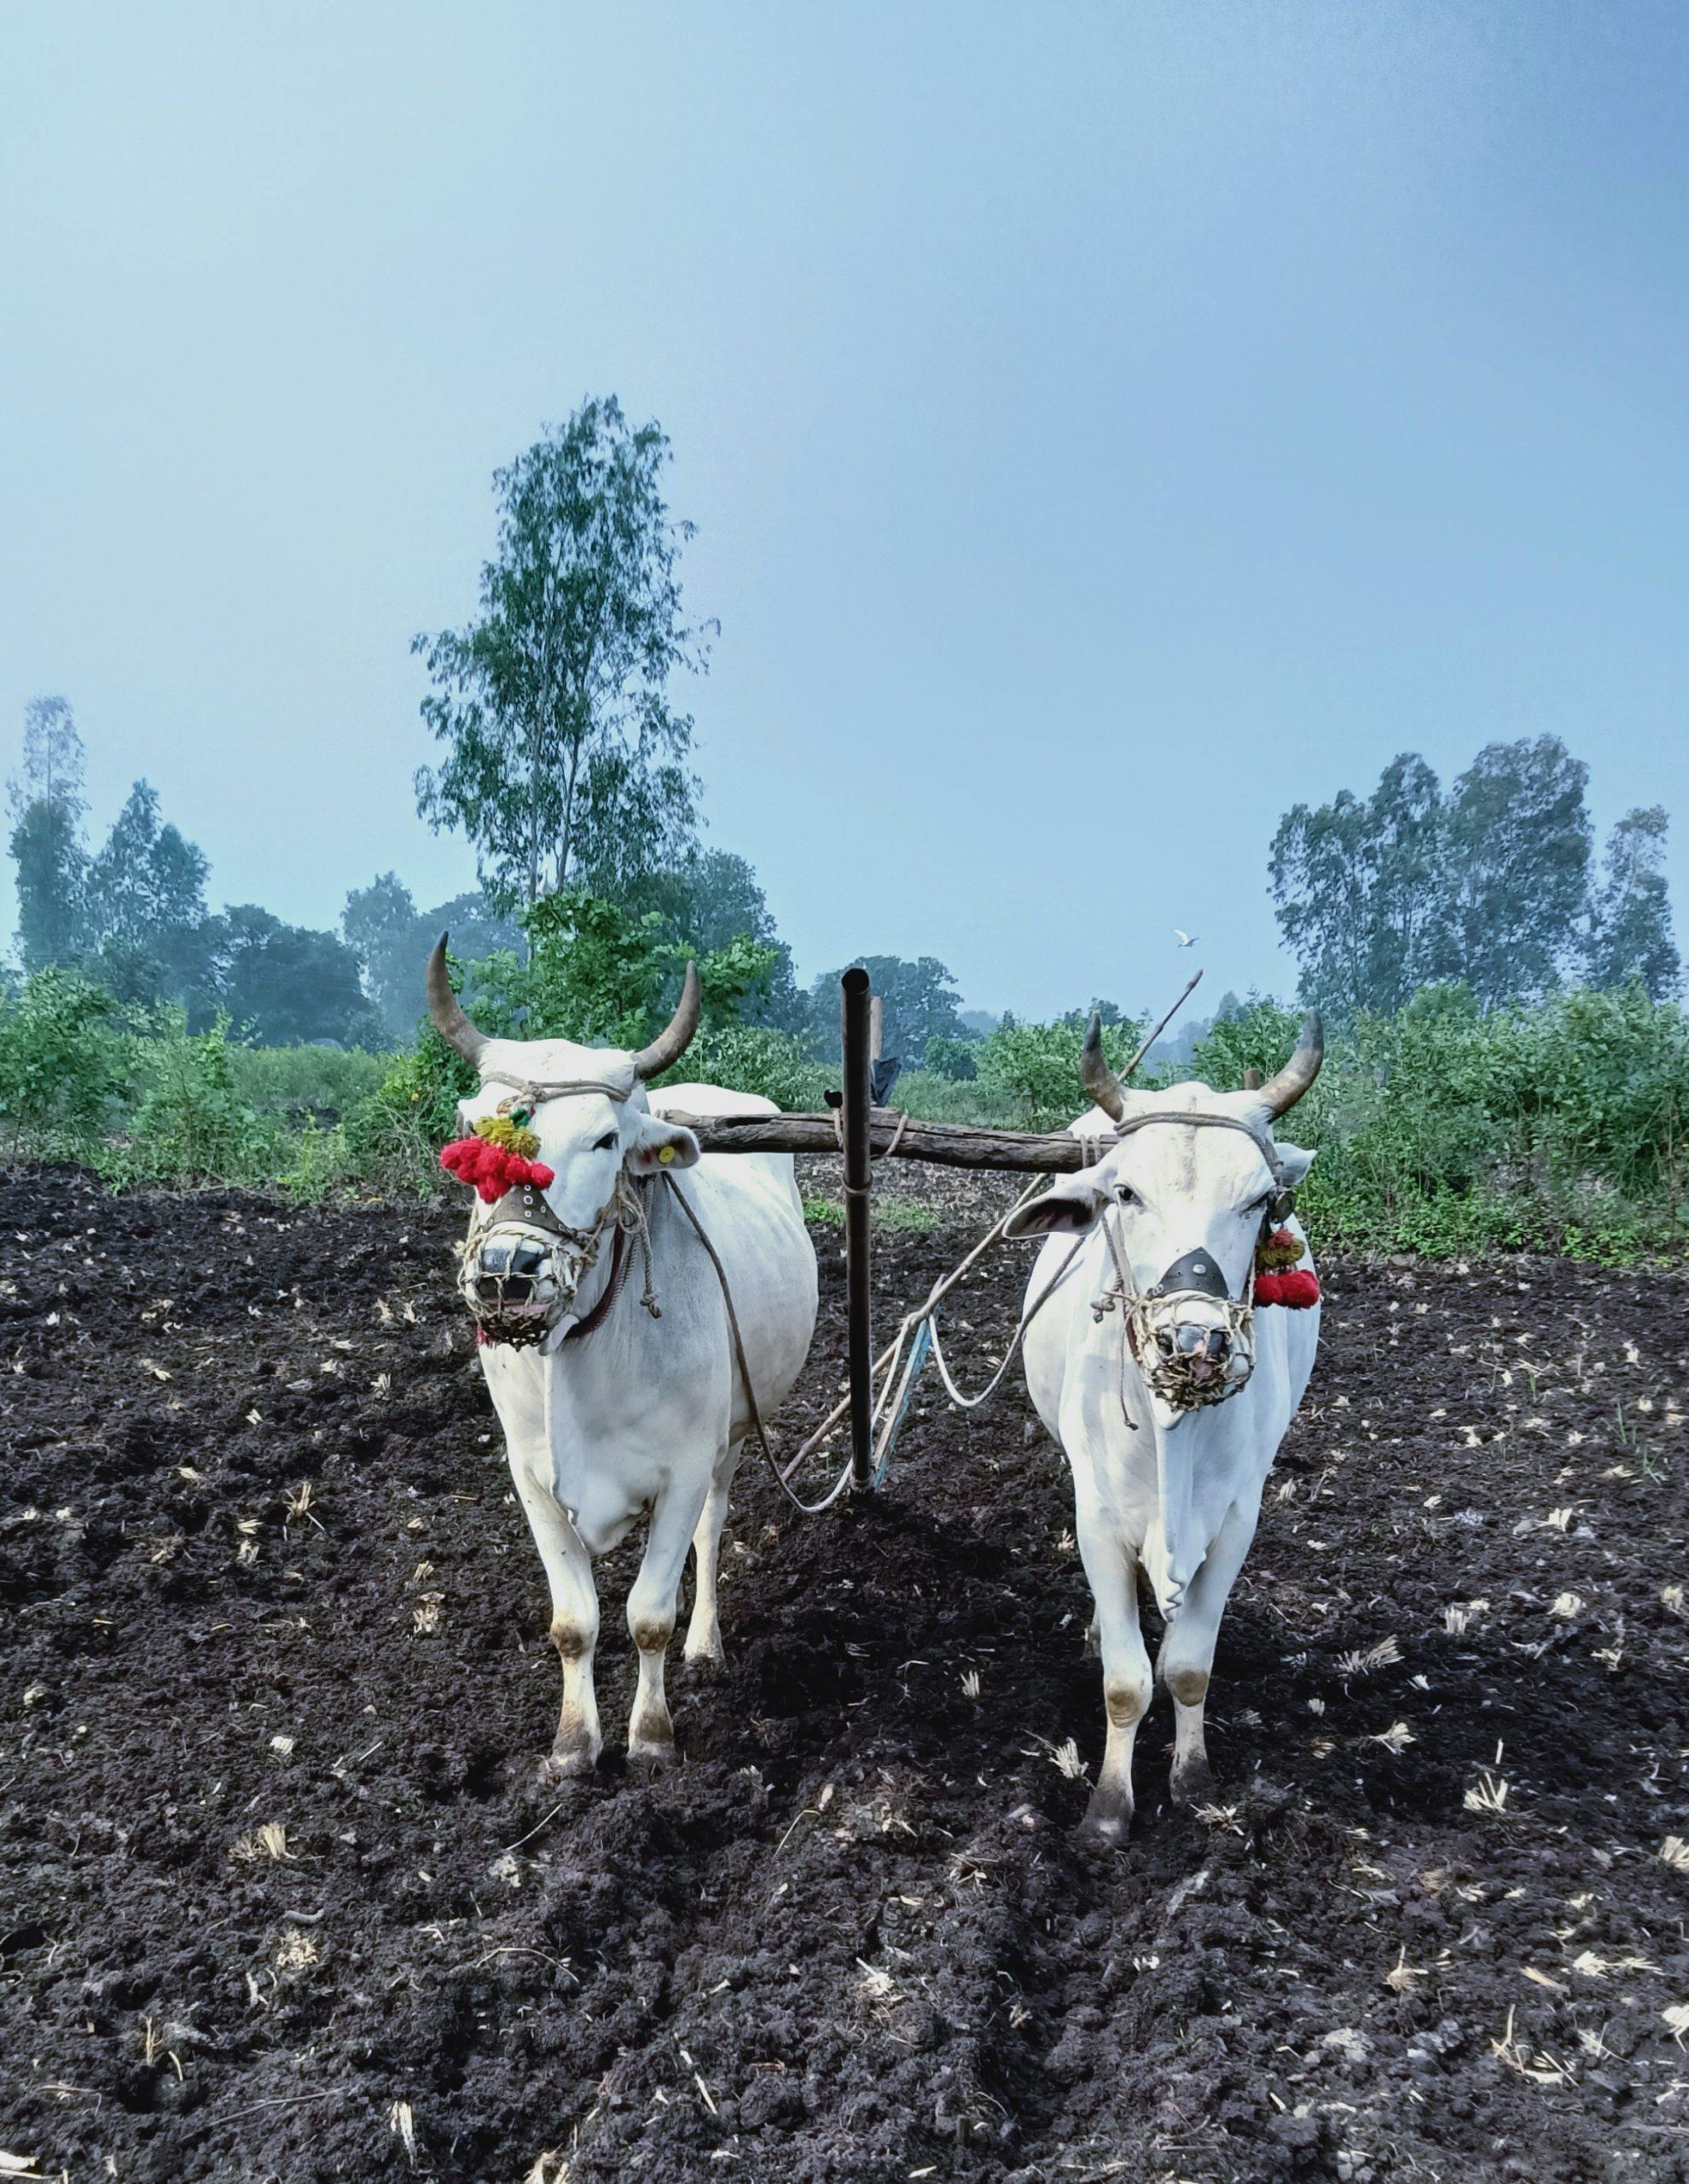 Bullocks in a field